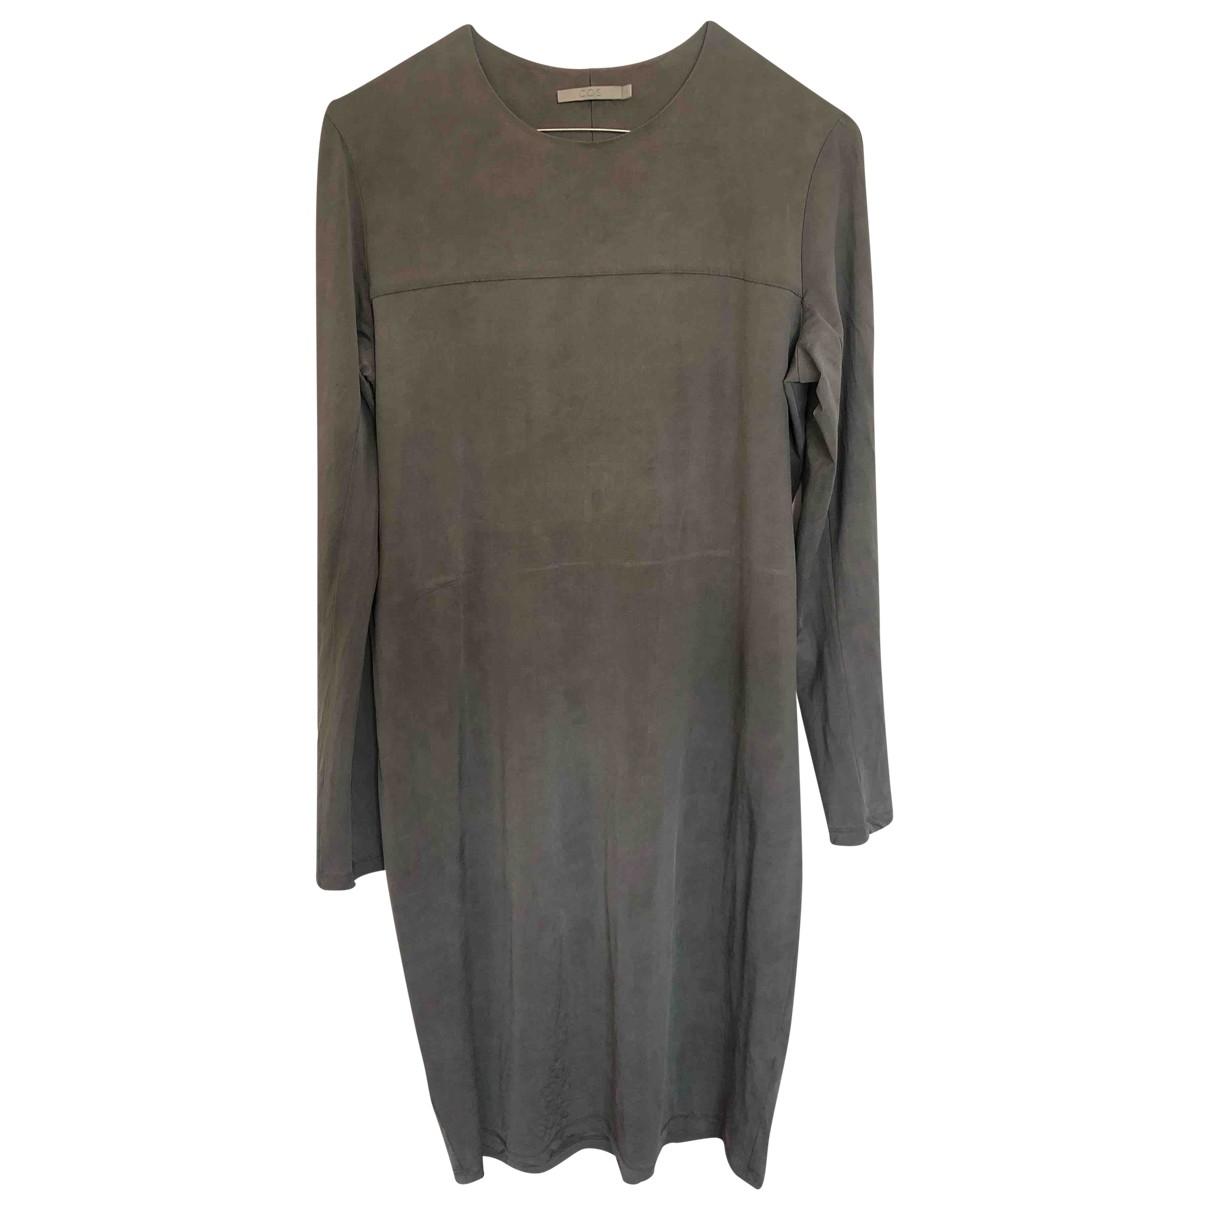 Cos \N Kleid in  Grau Polyester